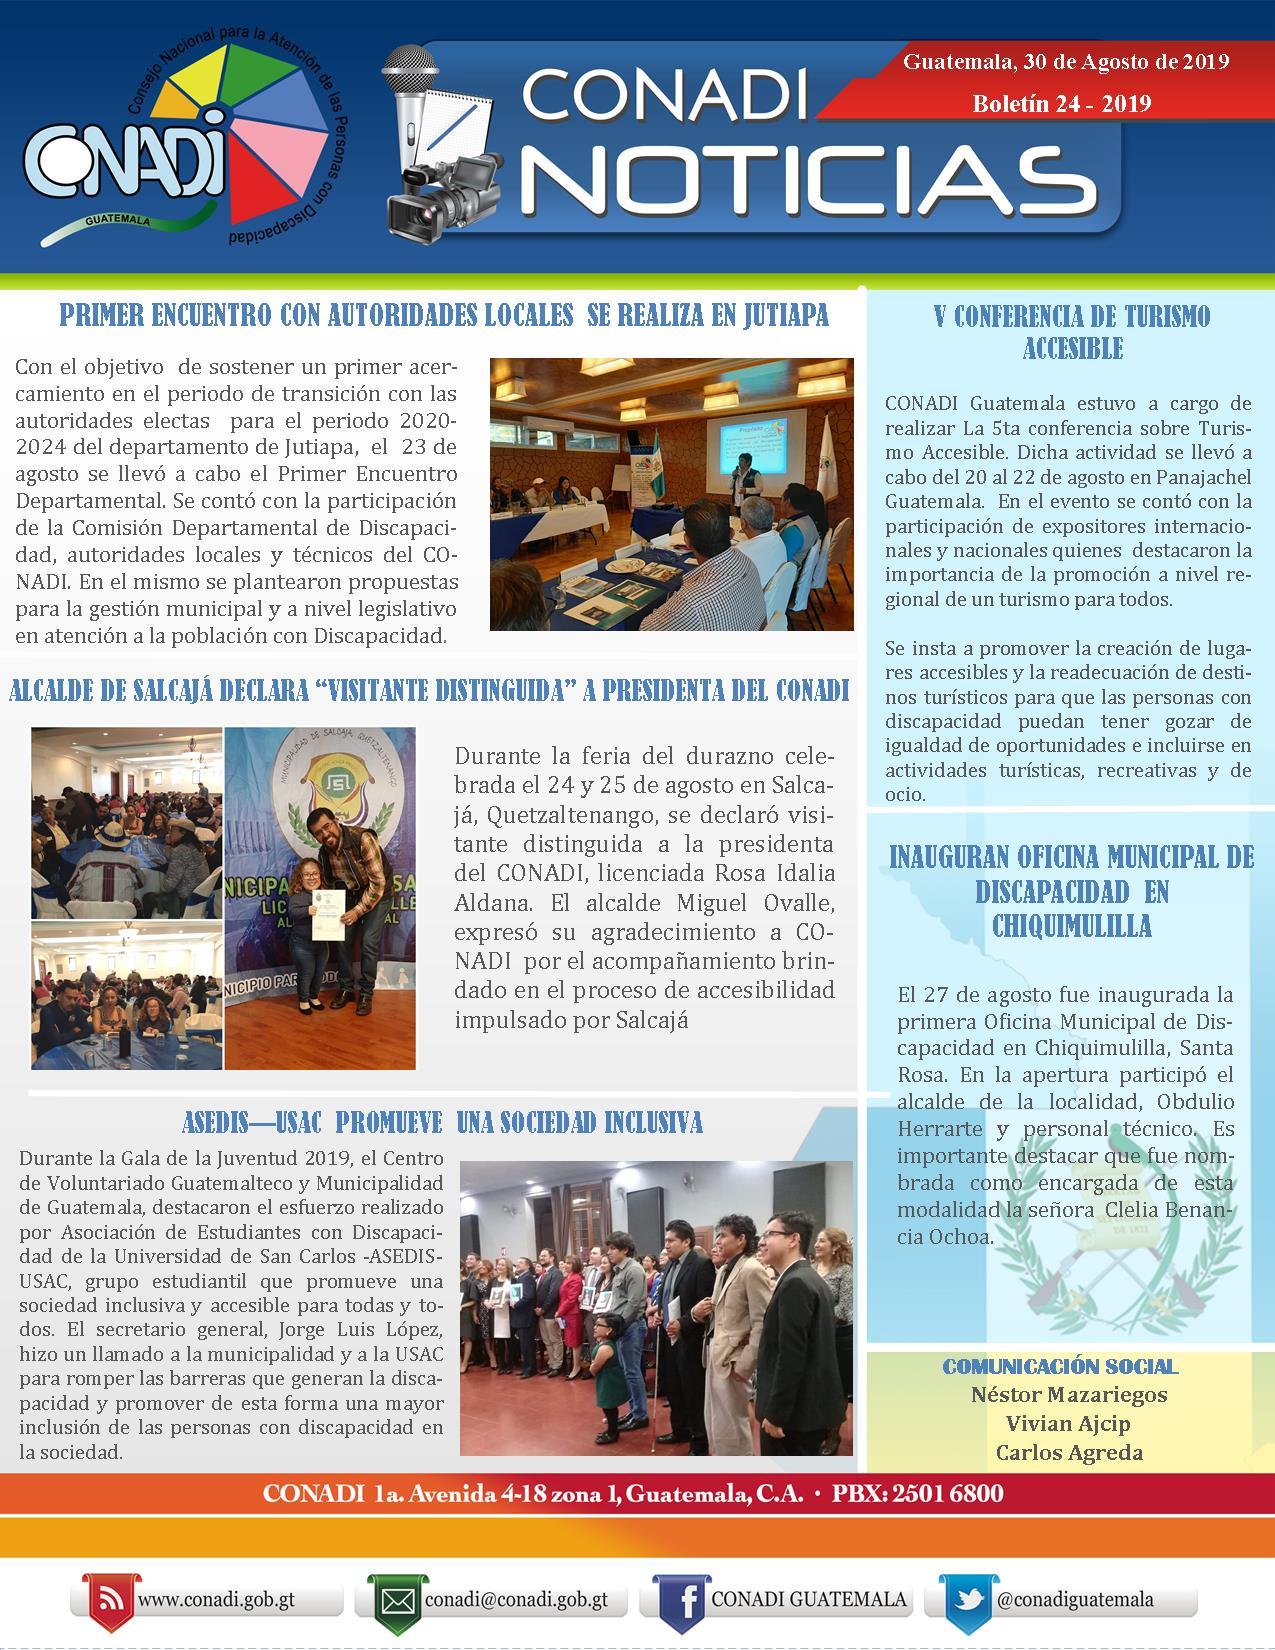 CONADI NOTICIAS, BOLETÍN 24-2019